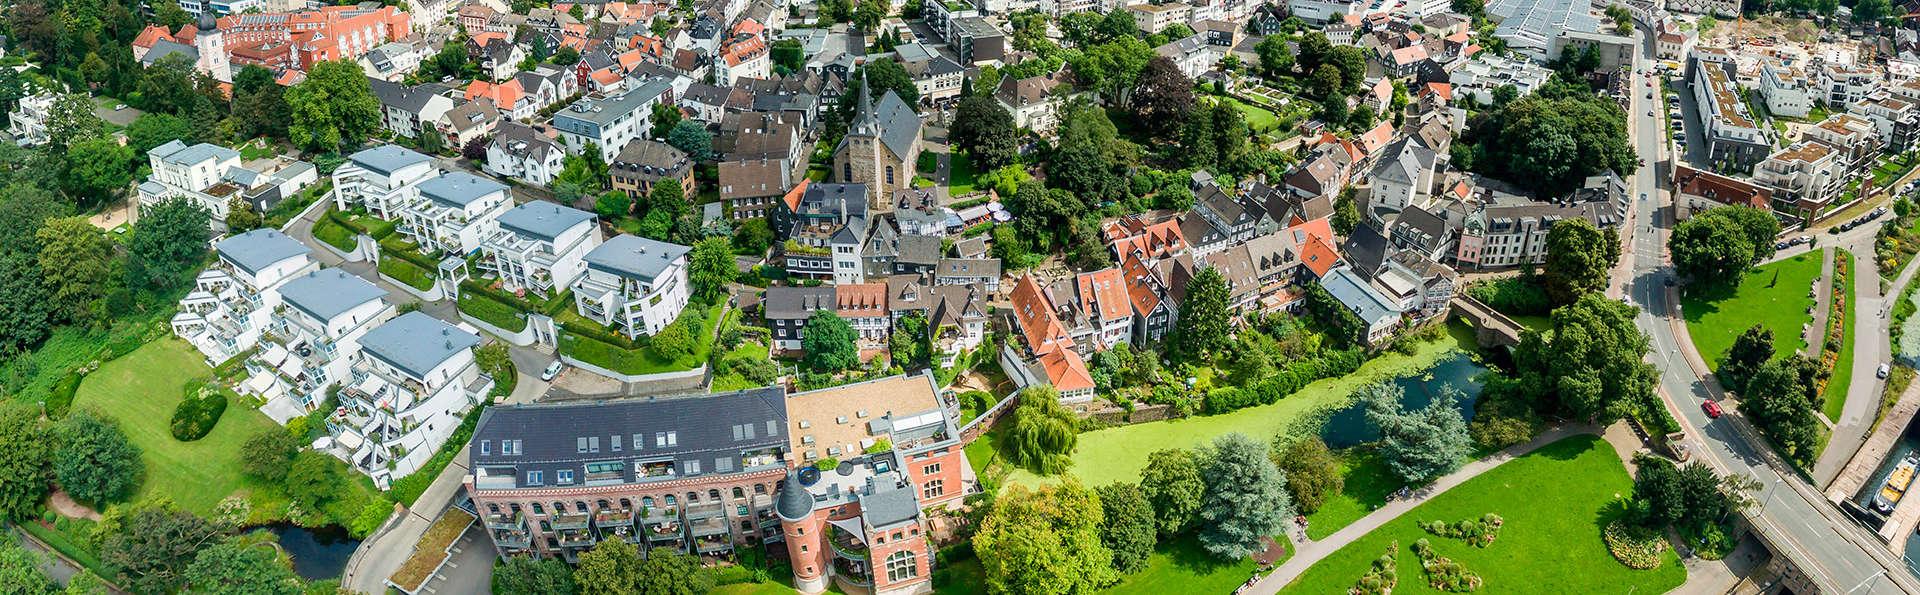 Profitez du week-end dans la belle ville d'Essen (à partir de deux nuits)